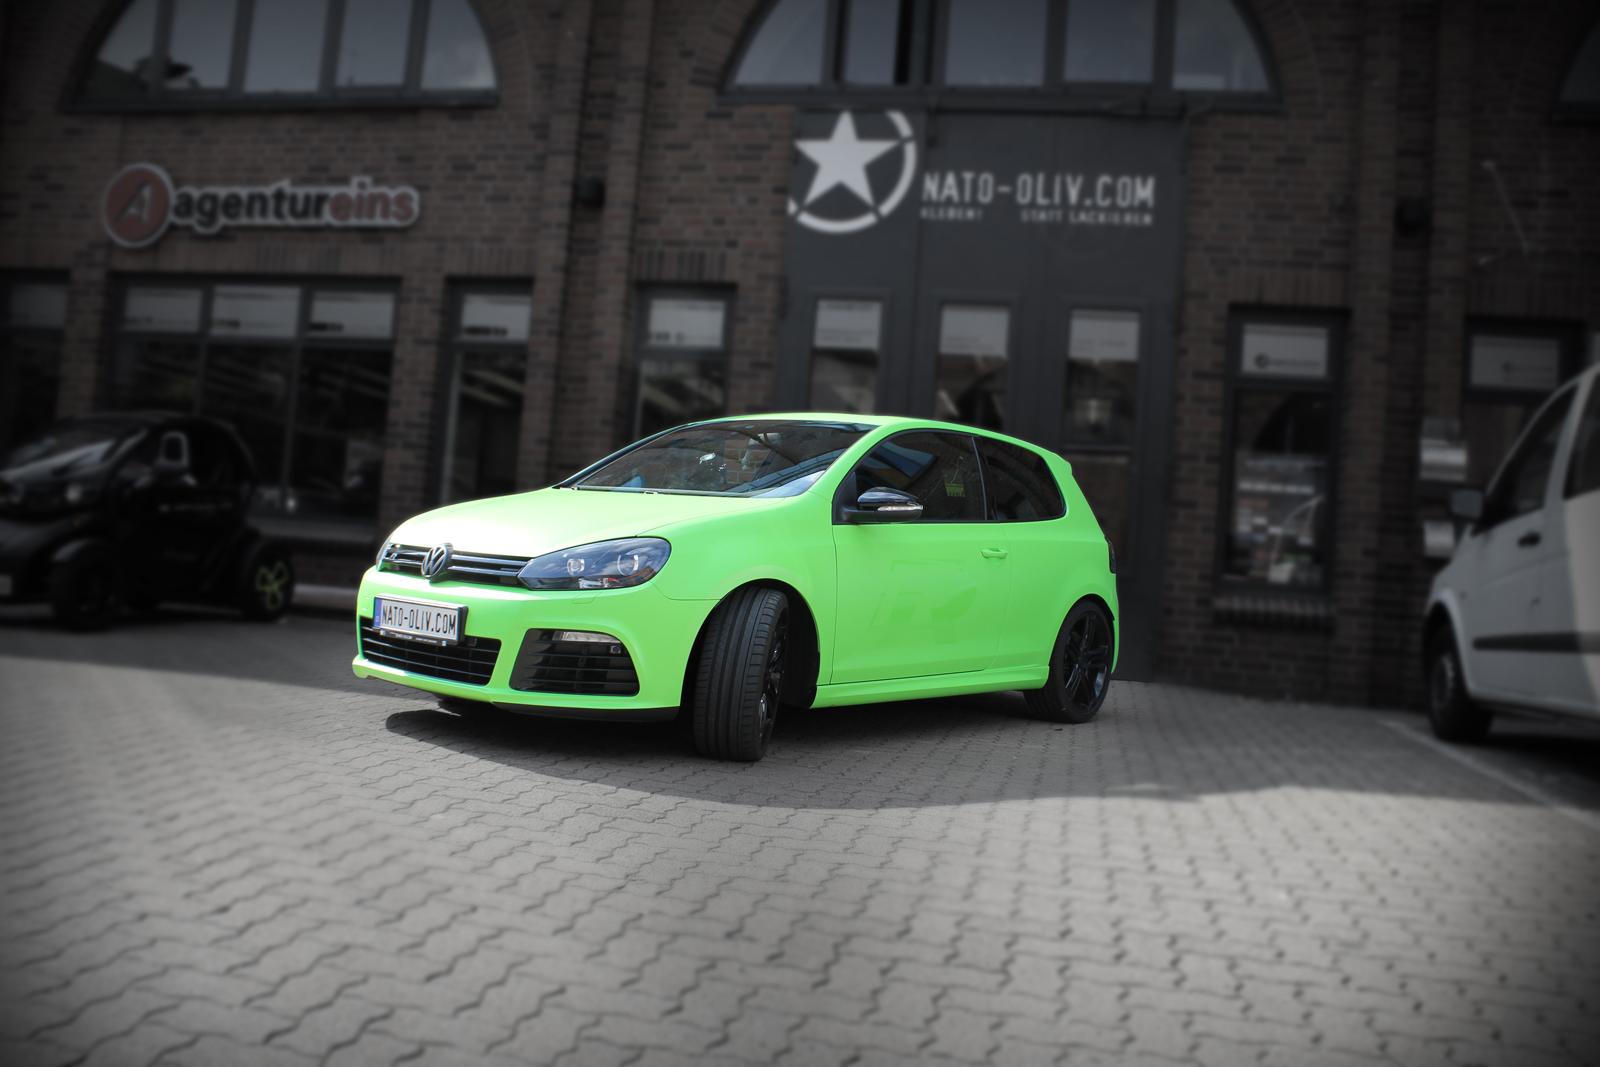 schraege Frontalansicht des VW Golf R mit Folie in Giftgruen beklebt